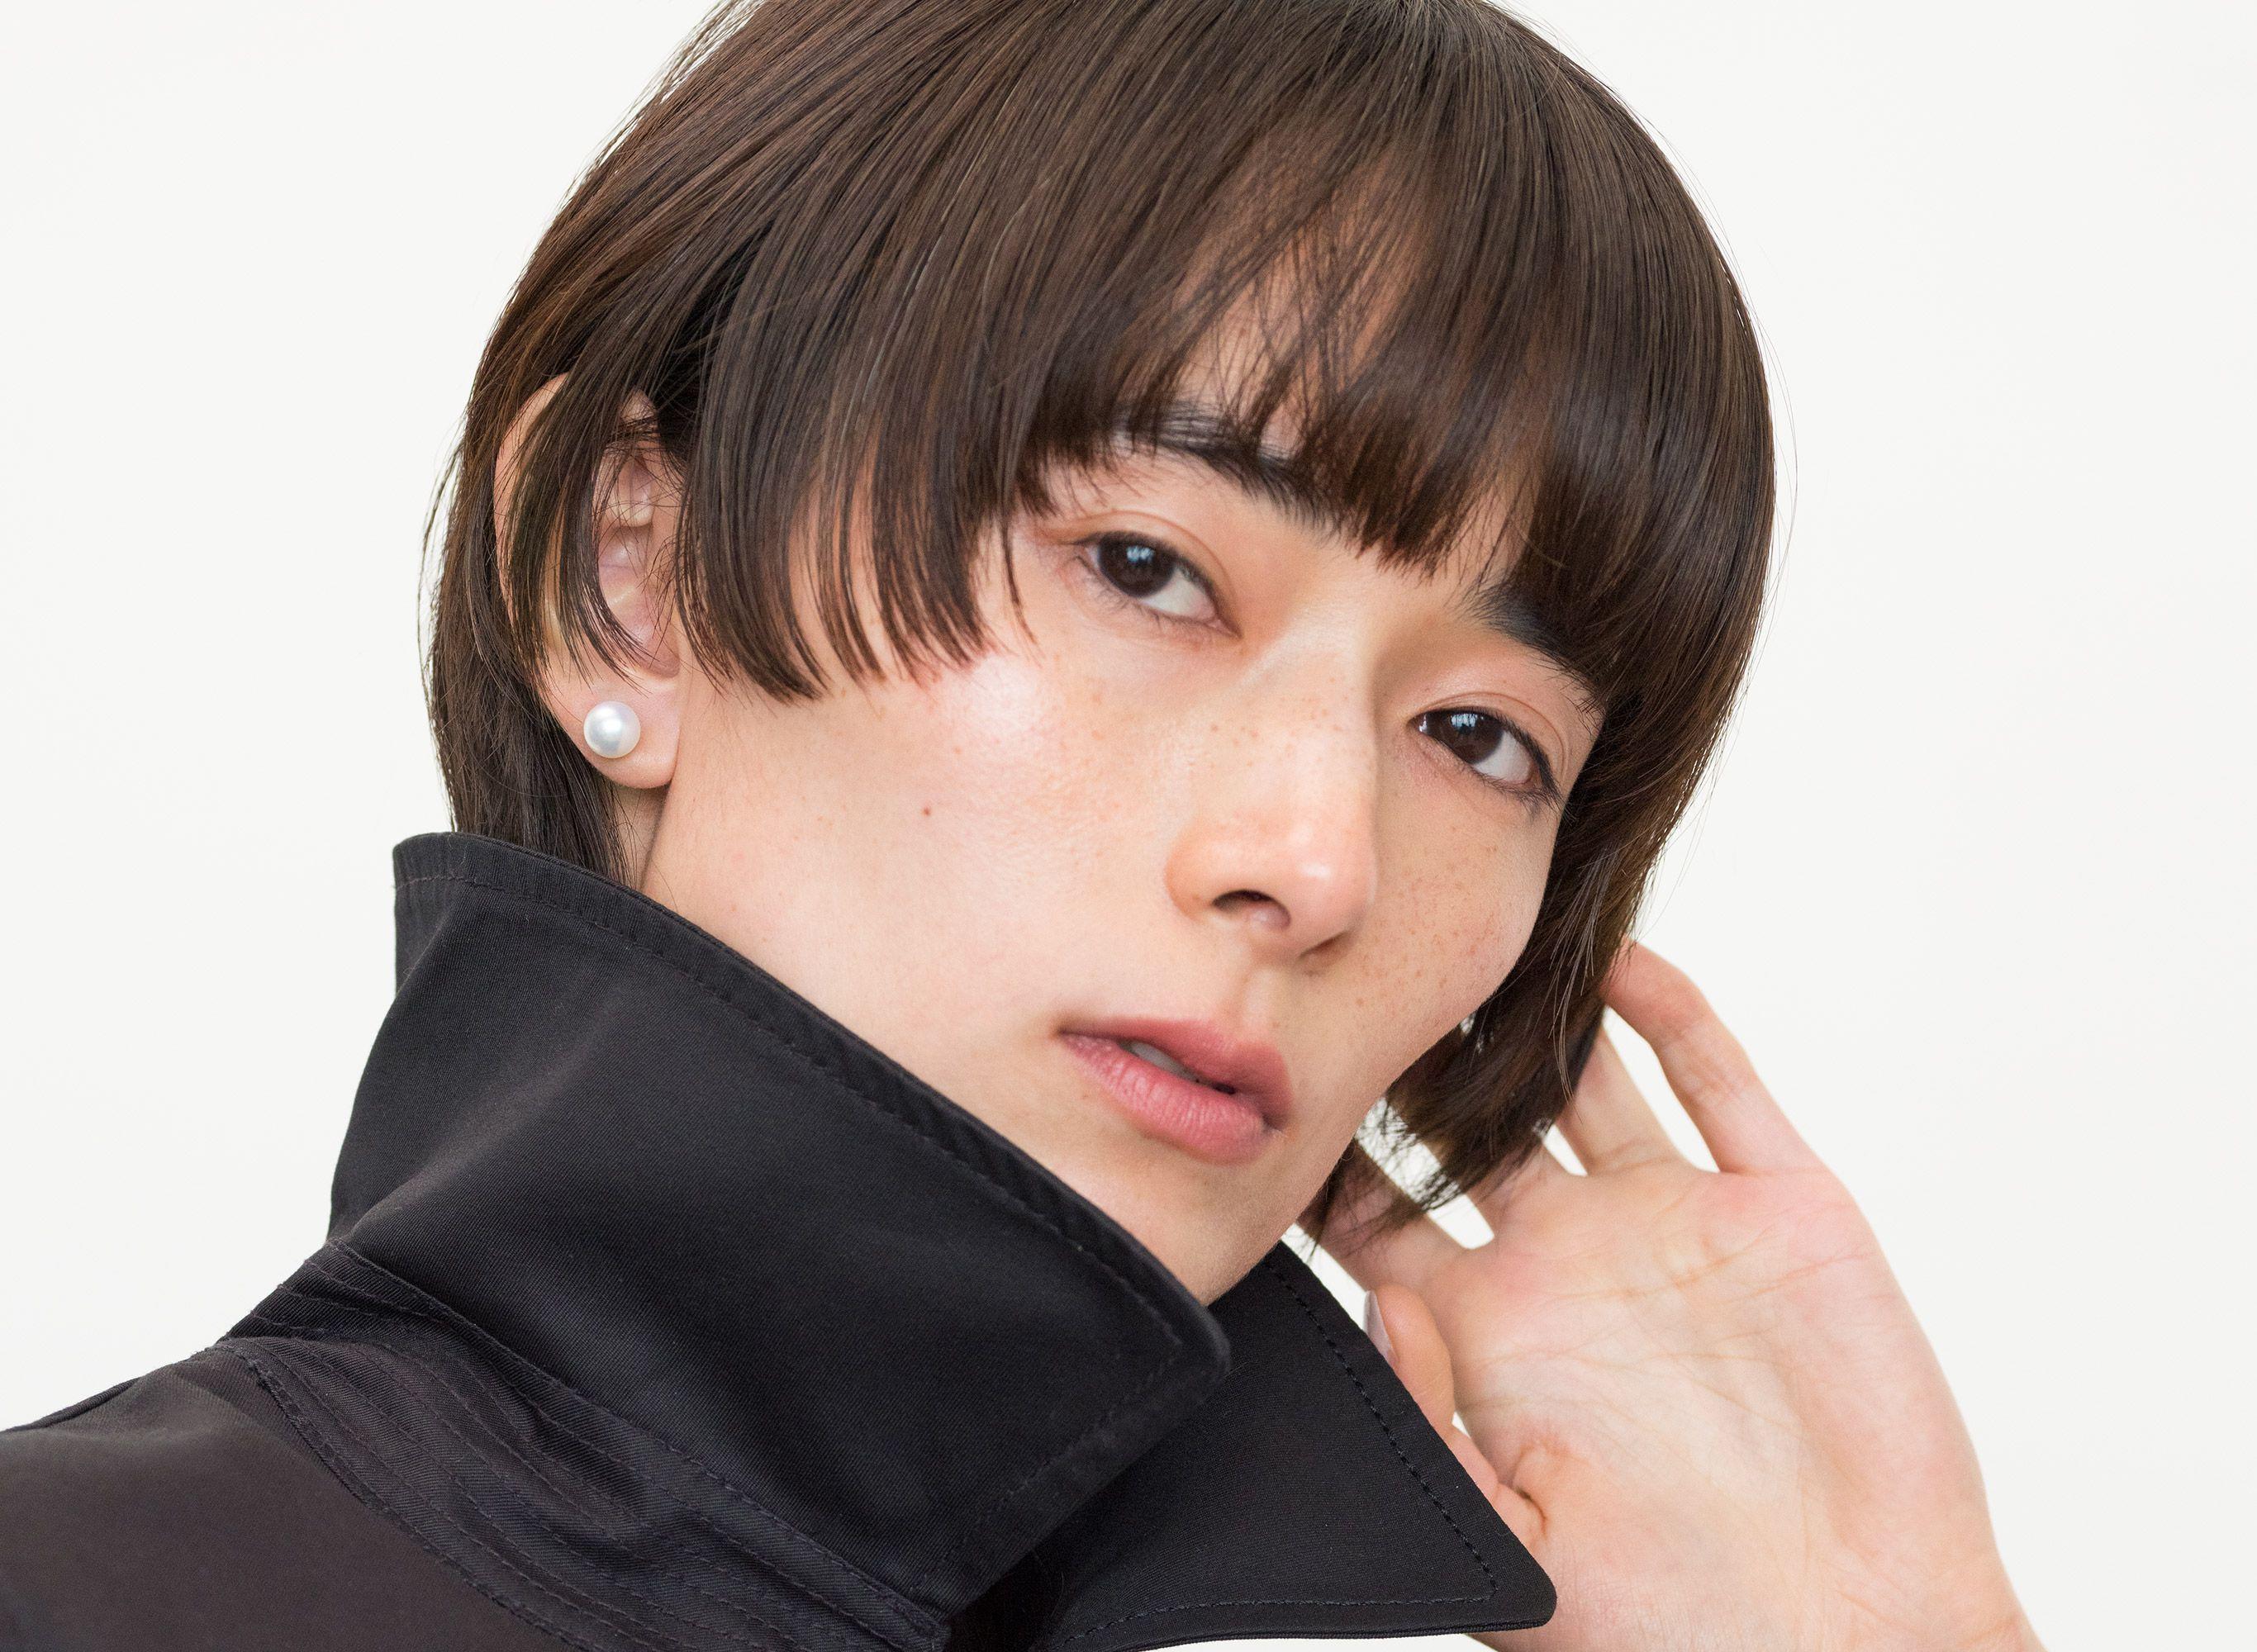 伊藤美佐季著「そろそろ、ジュエリーが欲しいと思ったら」に学ぶ、パールジュエリーの着けこなし方、楽しみ方。